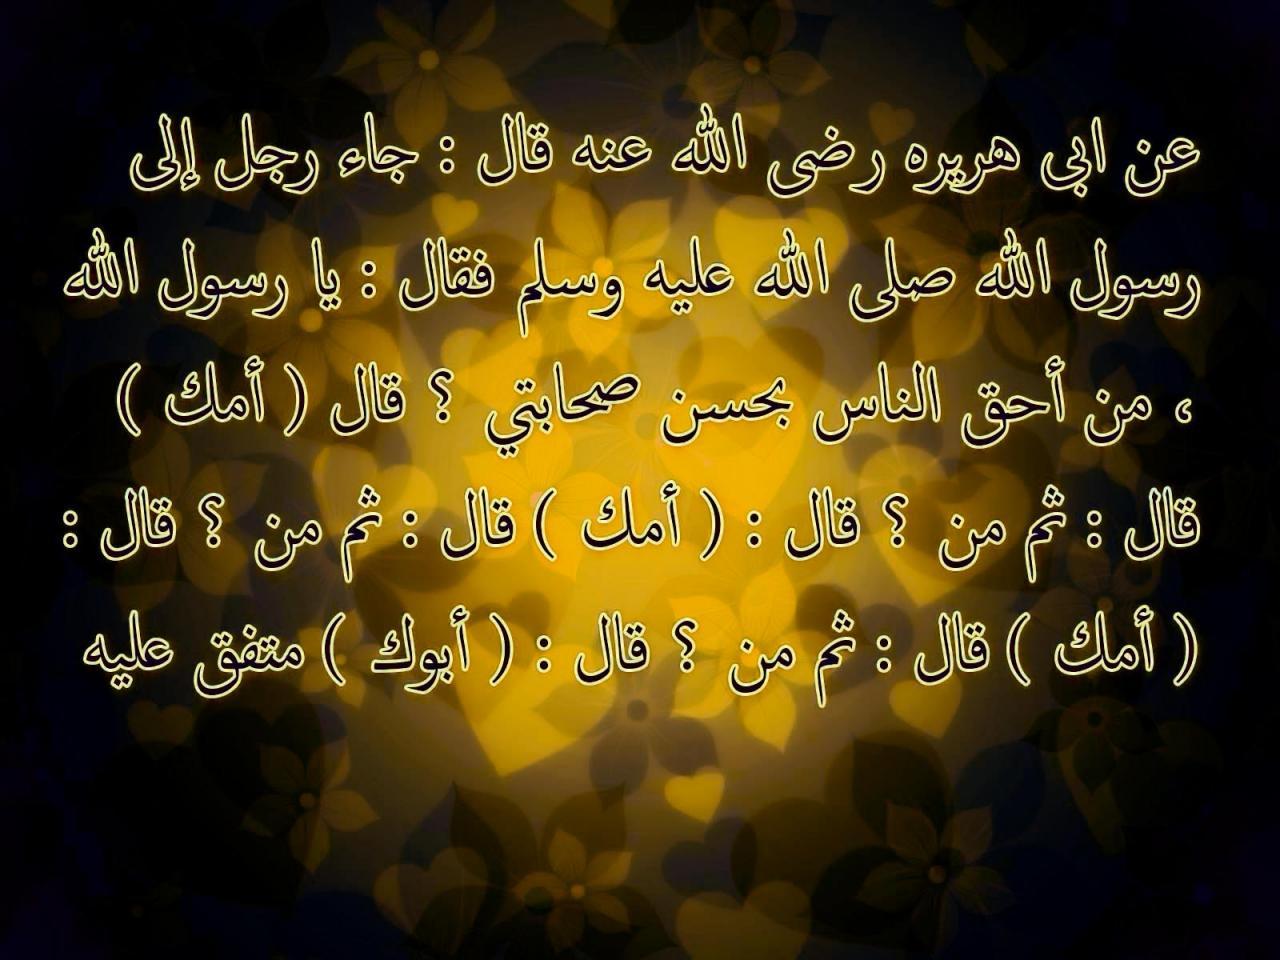 صورة اجمل قصيدة عن الام مكتوبة , ادامك الله فى حياتى نعمة يا جنتى الغالية 4842 2